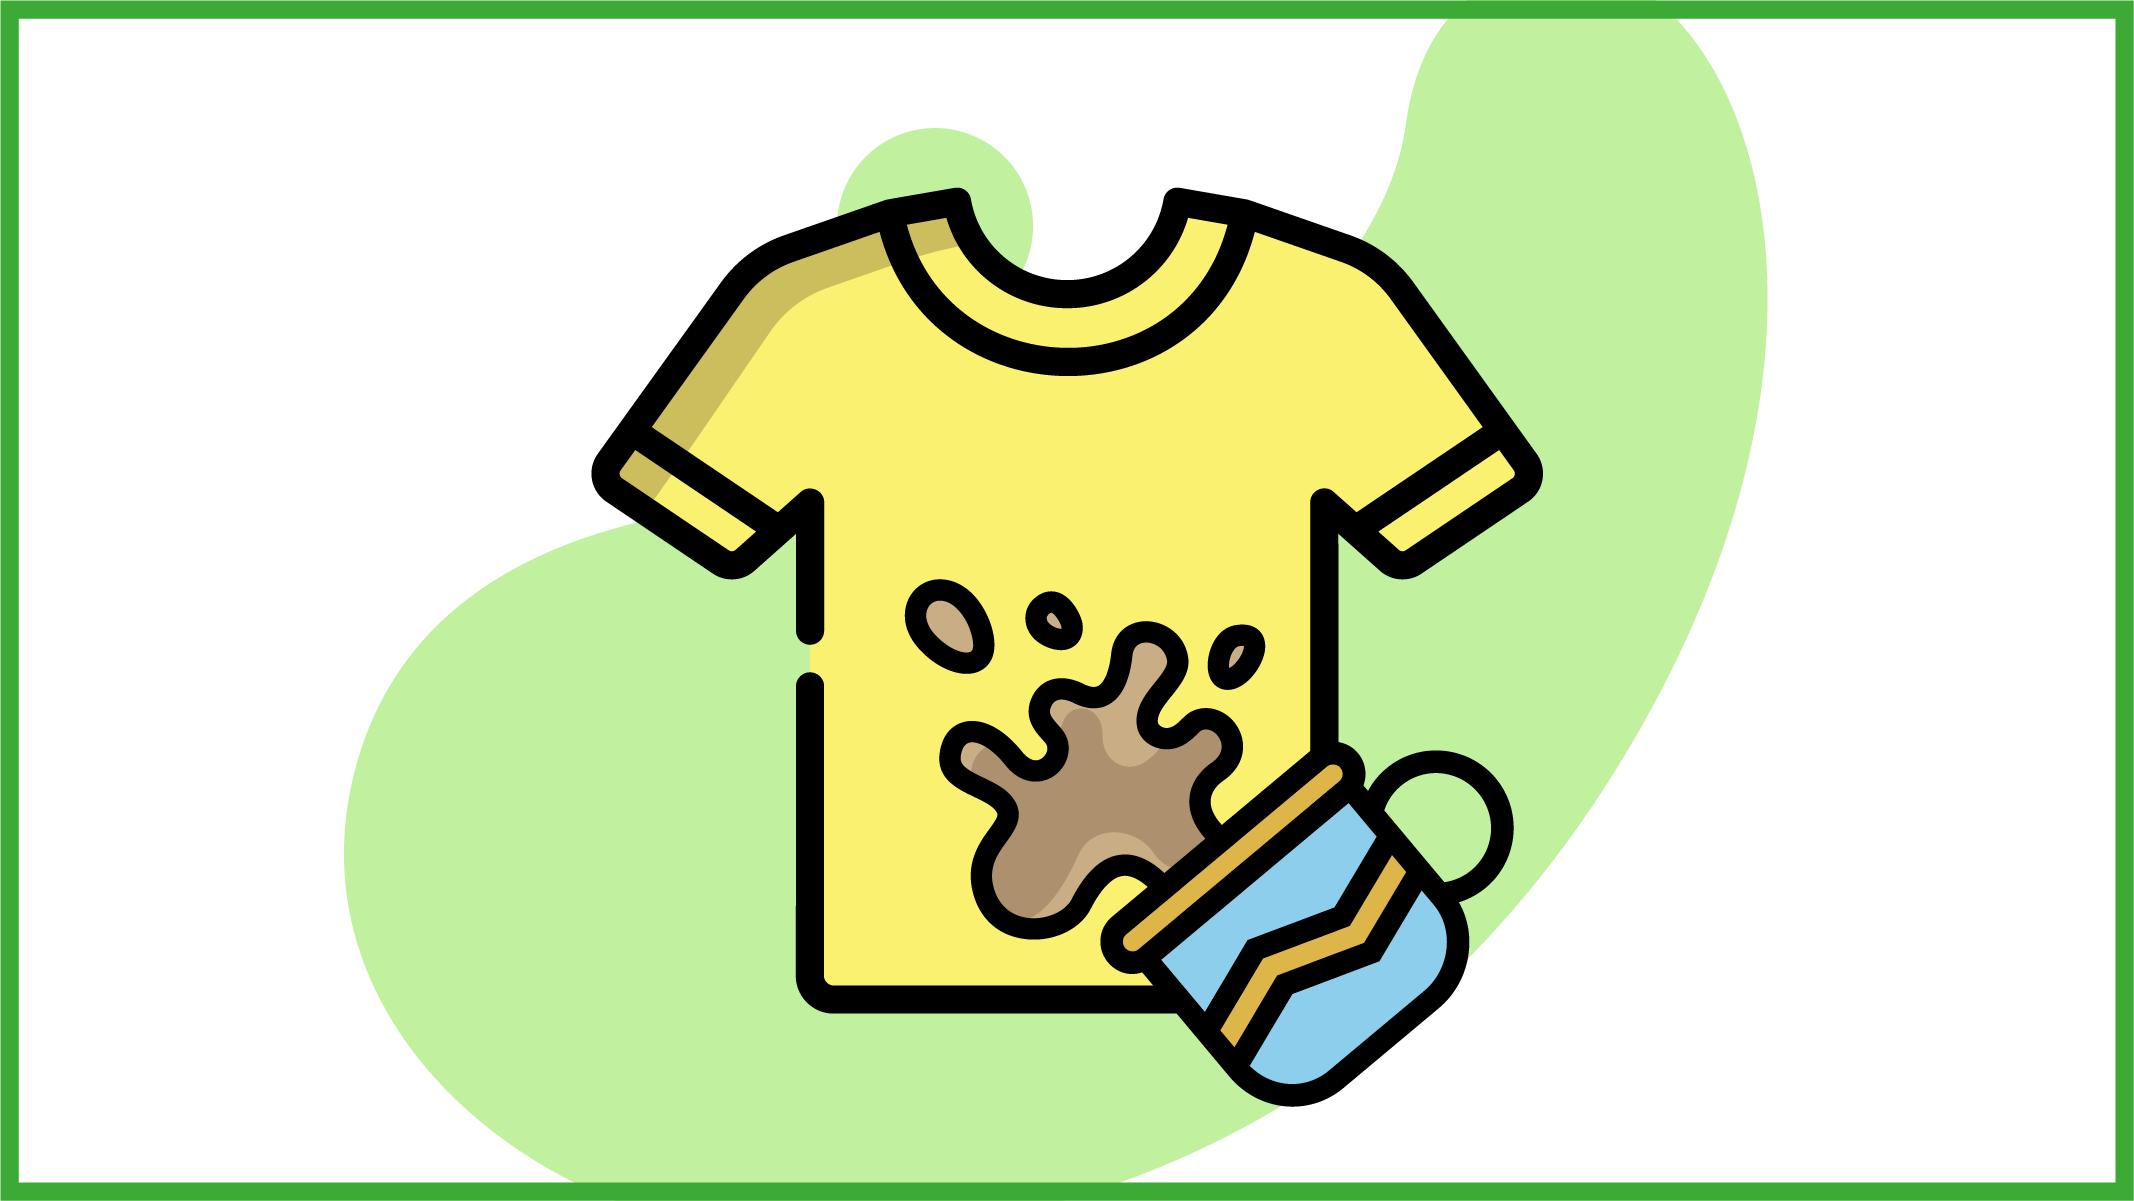 Immagine di una maglietta colorata sporca di cacao